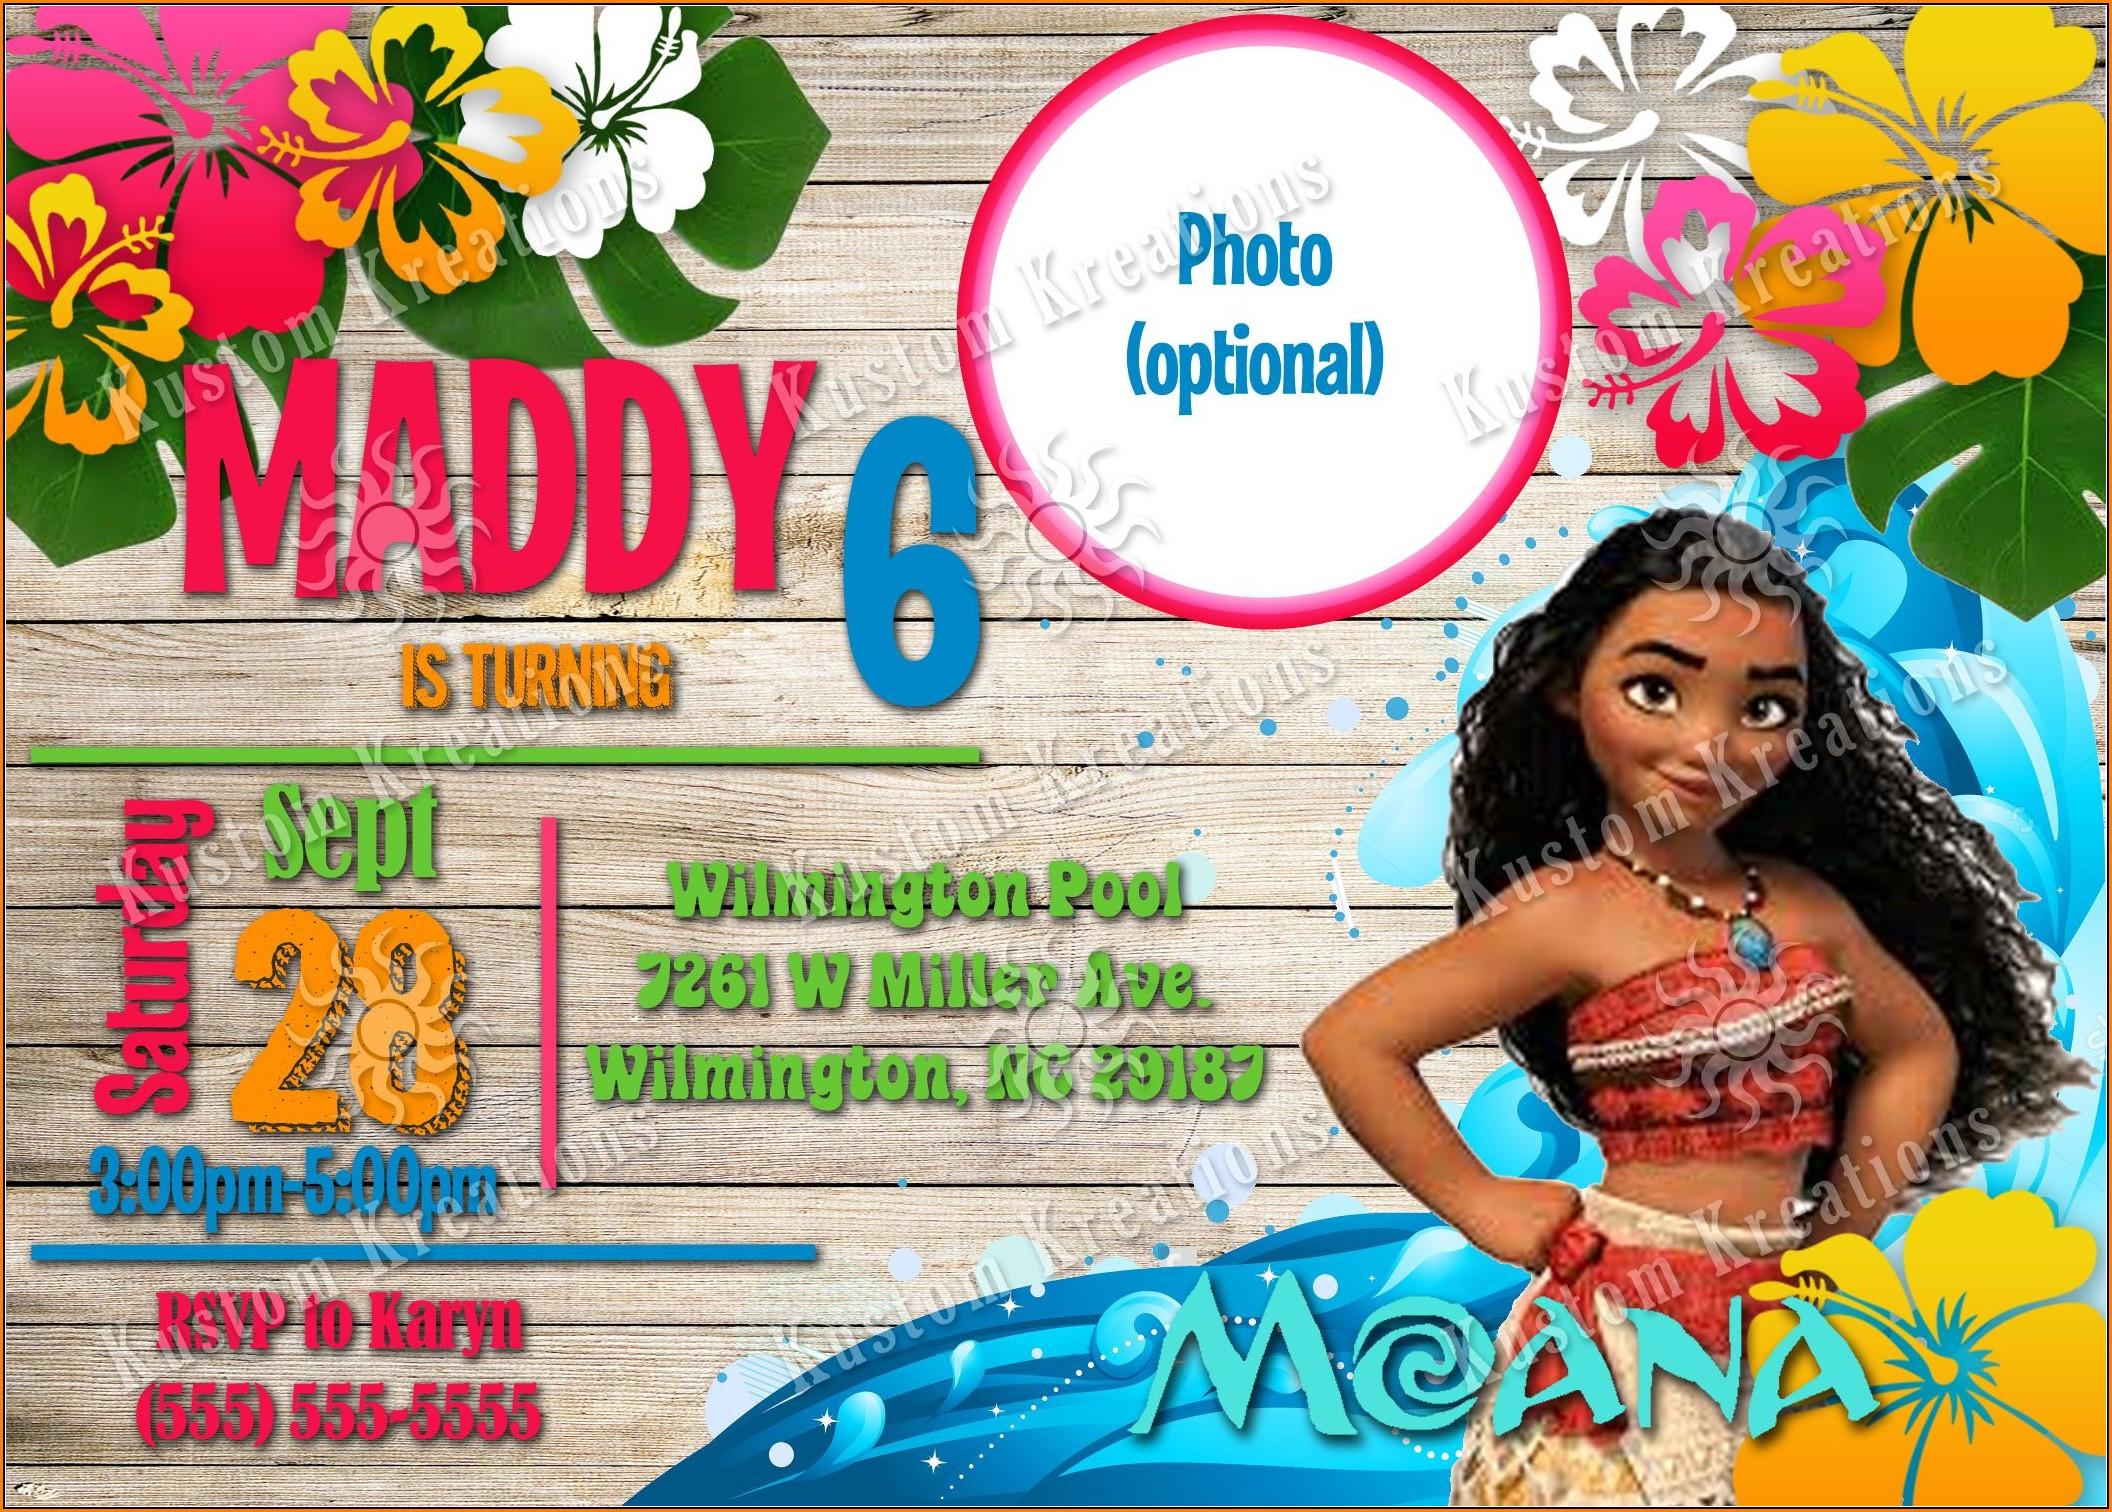 Baby Moana Birthday Invitation Template Free